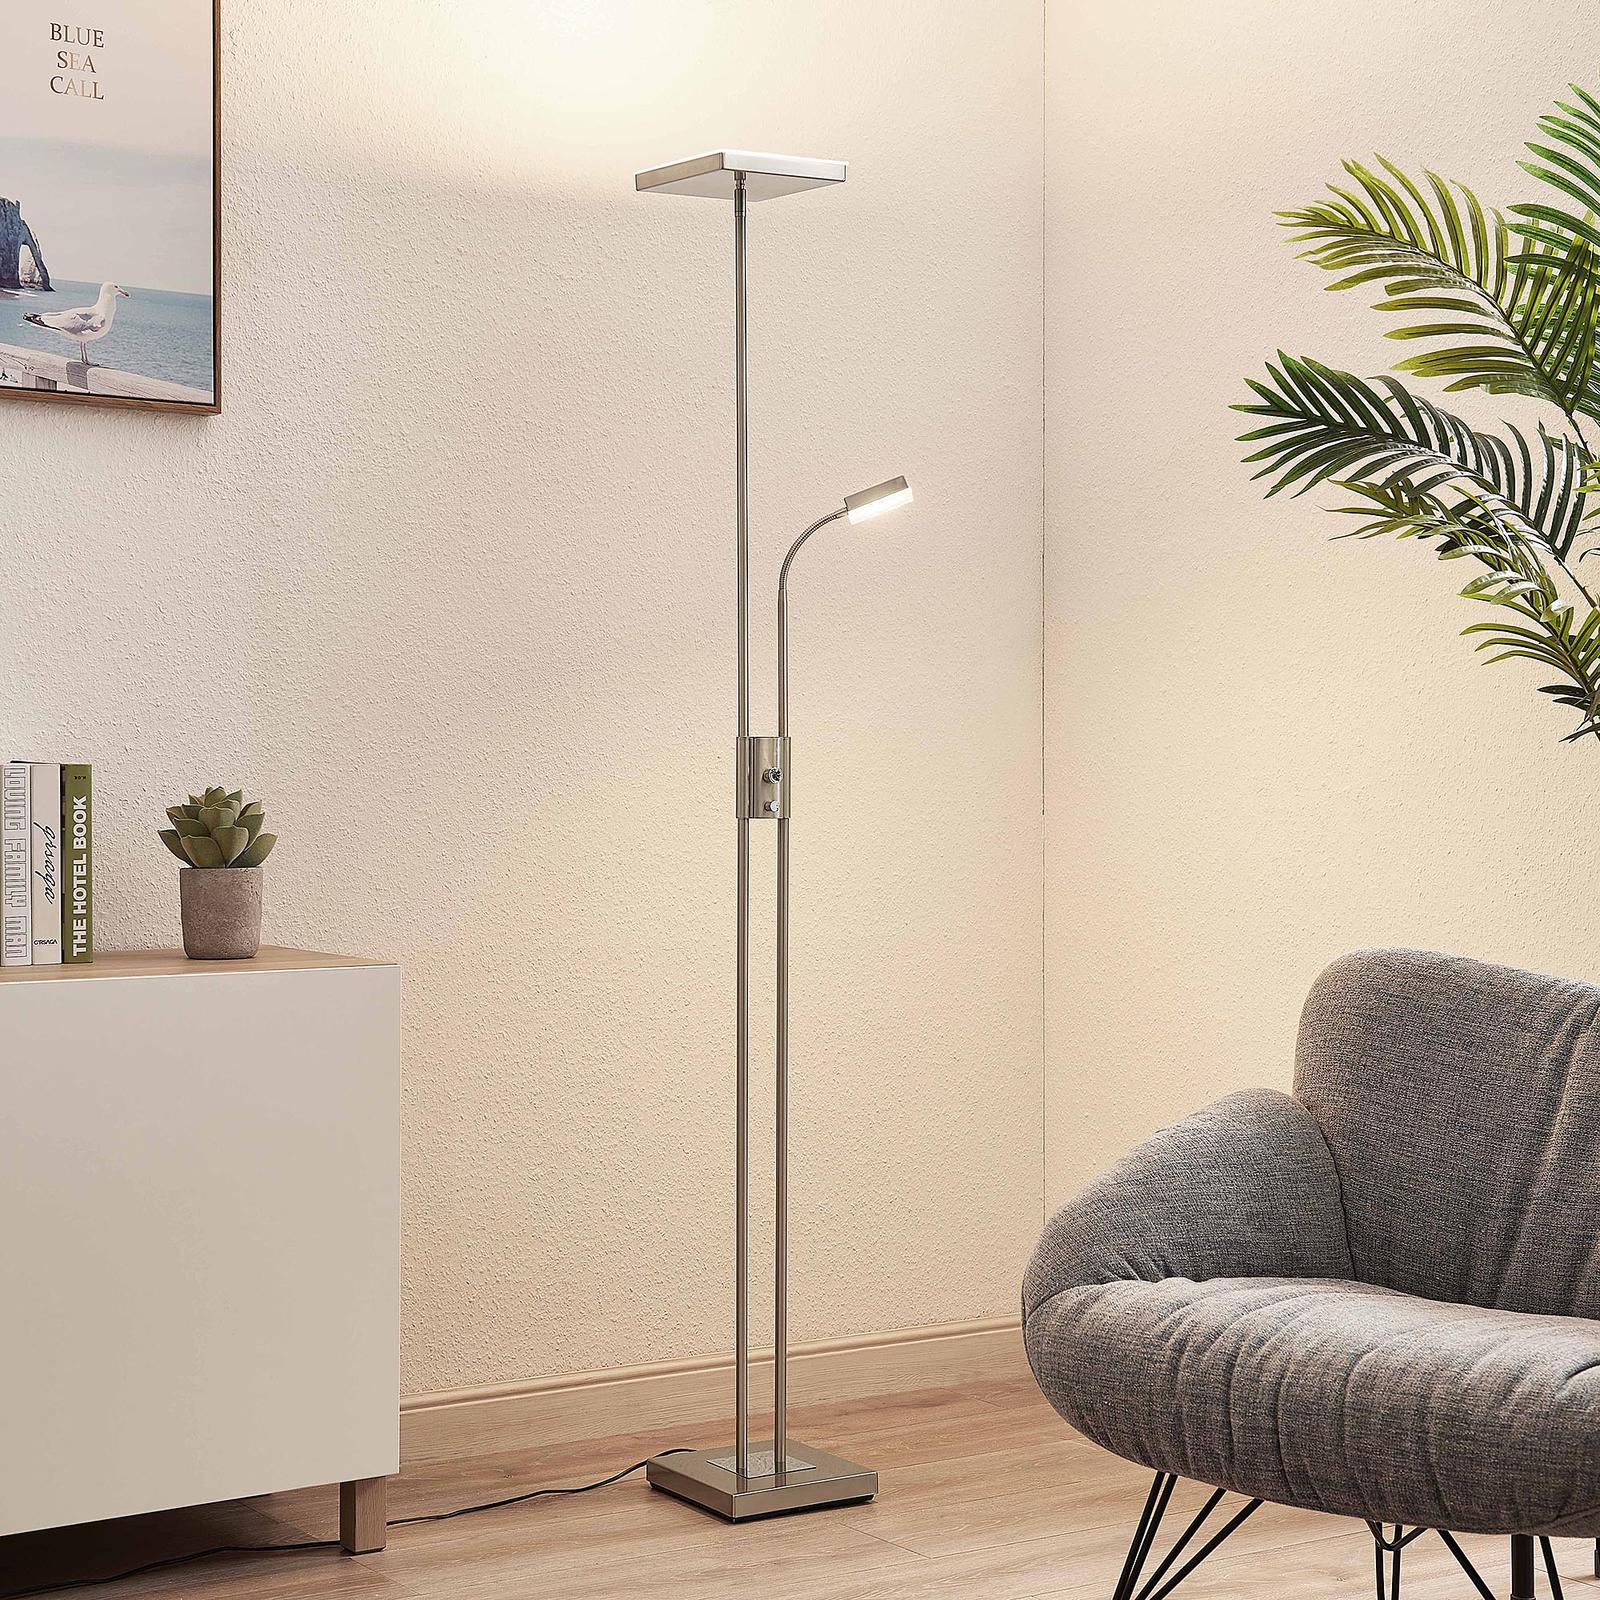 Lindby Seppa lampa stojąca LED, kątowa, nikiel